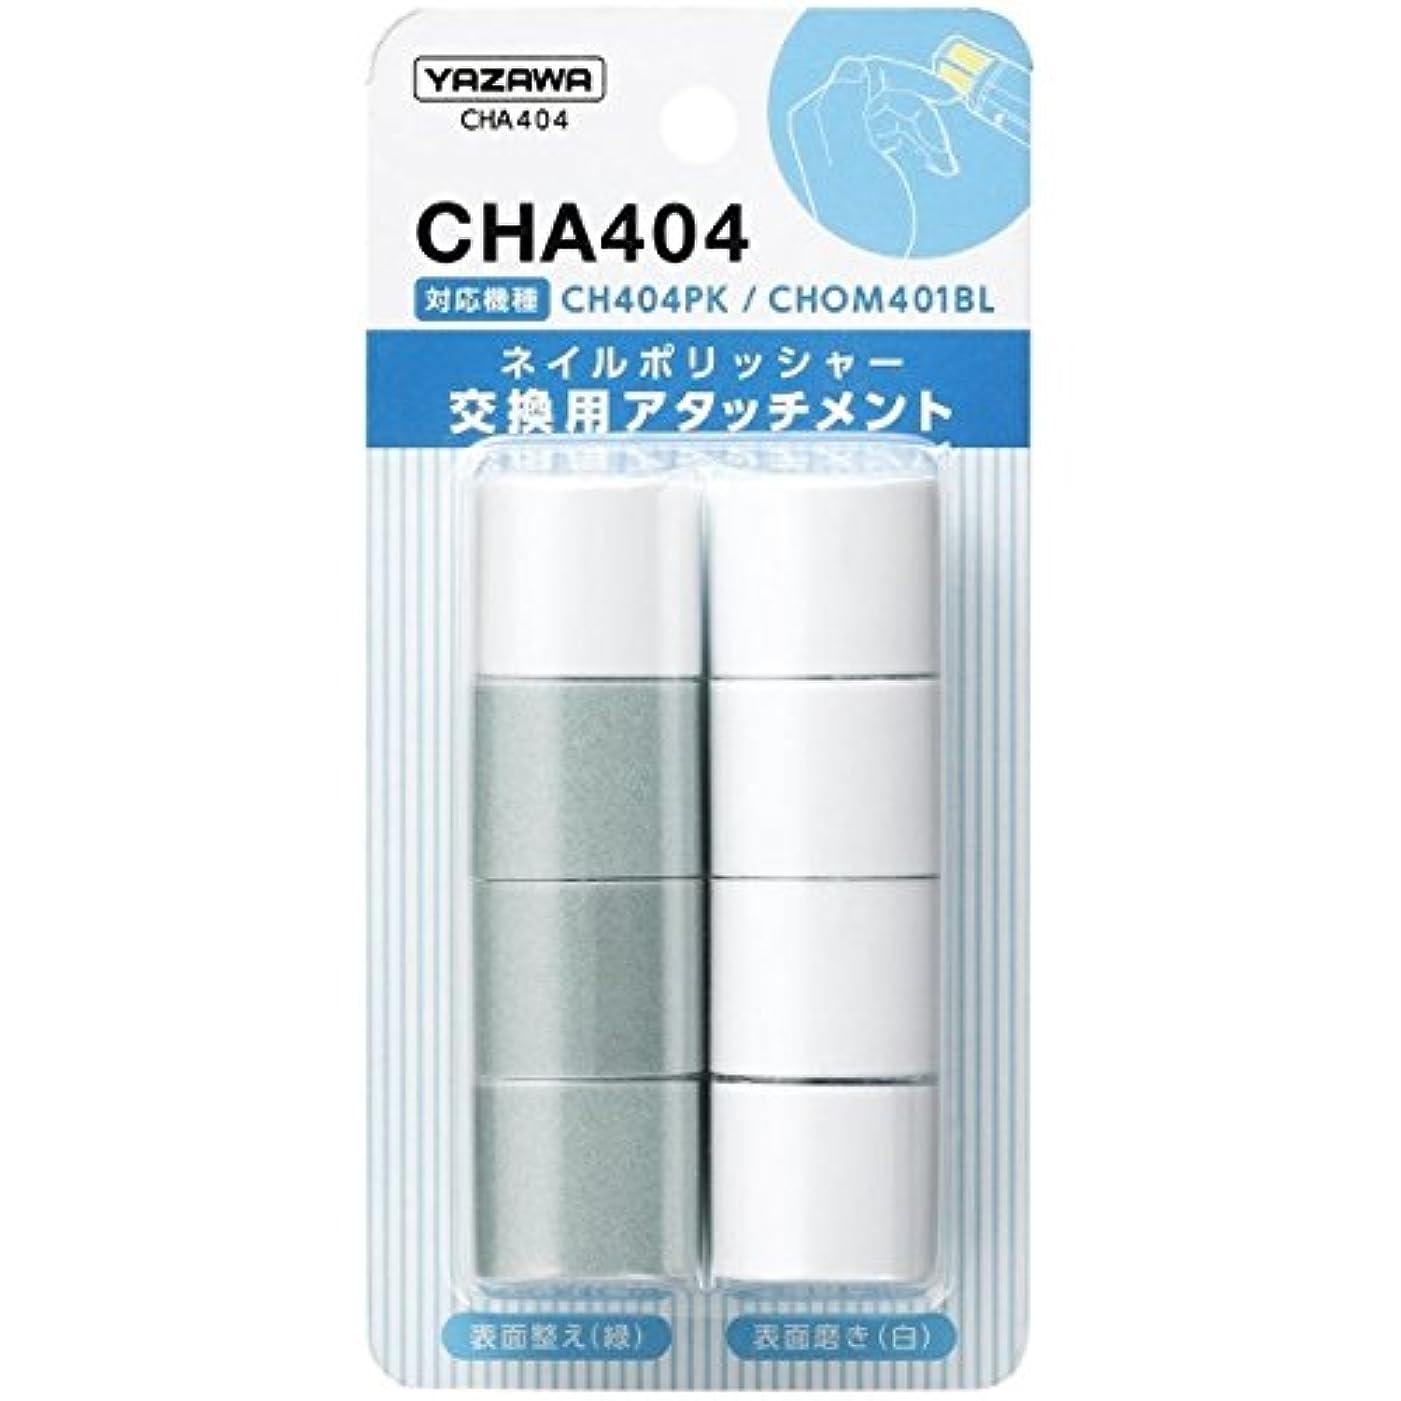 フレアギャング毛布YAZAWA(ヤザワコーポレーション) ネイルポリッシャー交換用アタッチメント CHA404